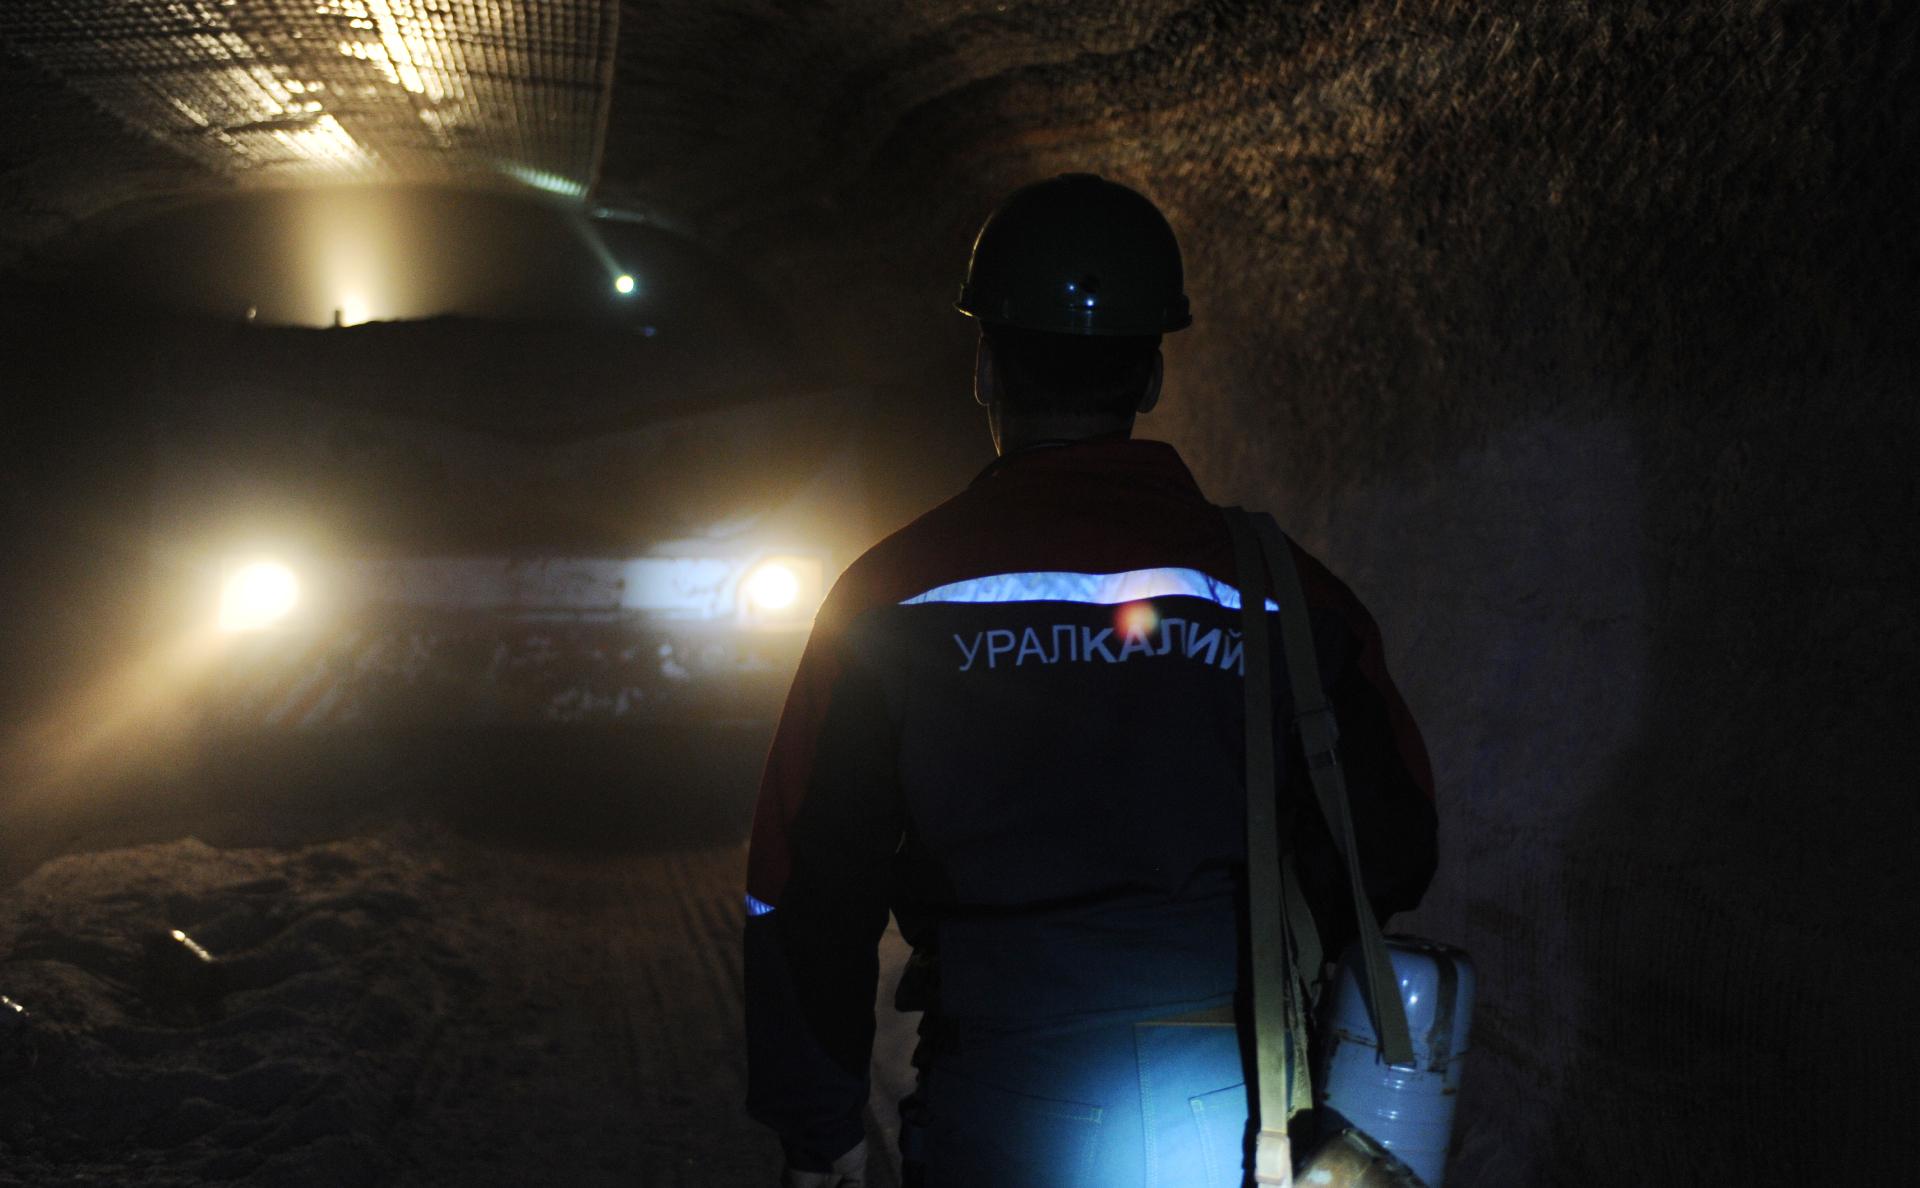 Из-за задымления в шахте в Соликамске оказались заблокированы горняки photo